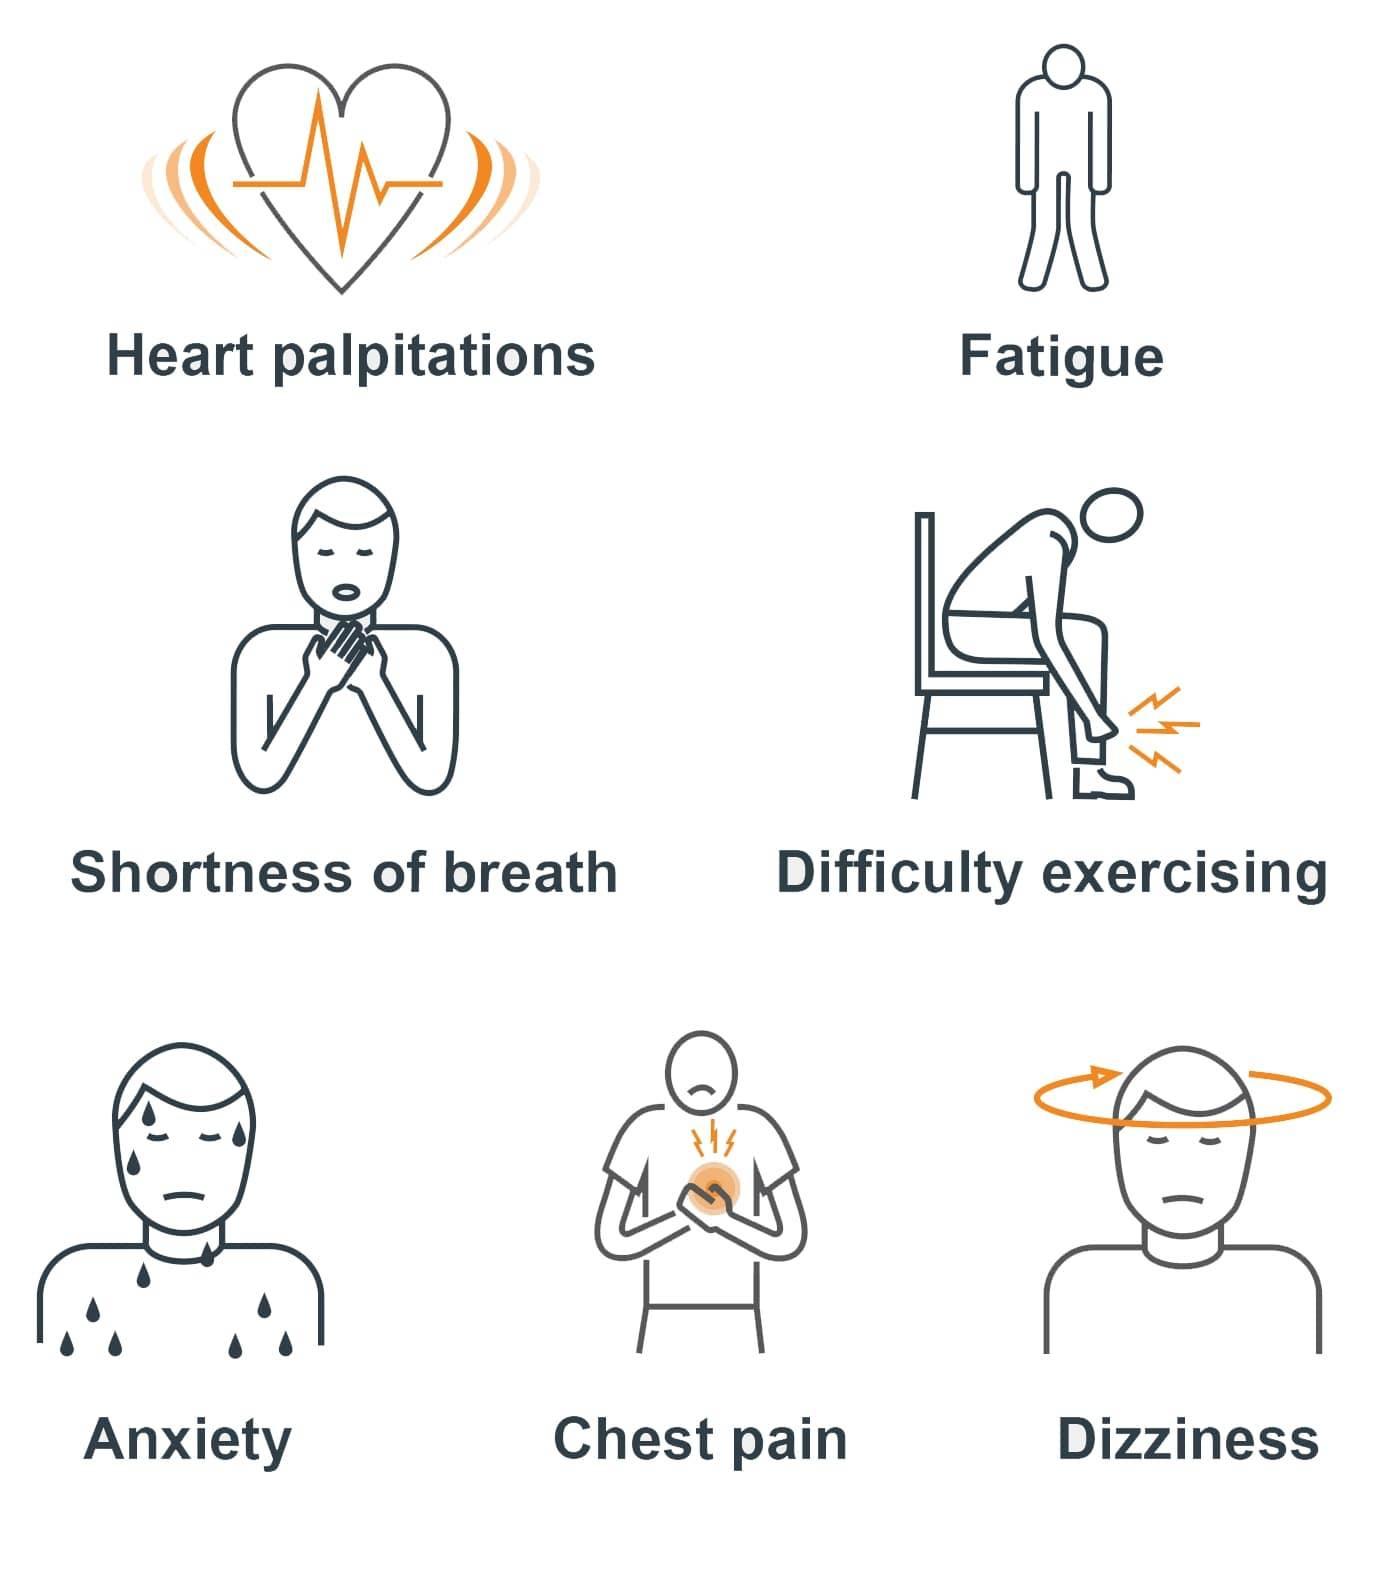 أعراض وعلامات الرجفان الأذيني النموذجي